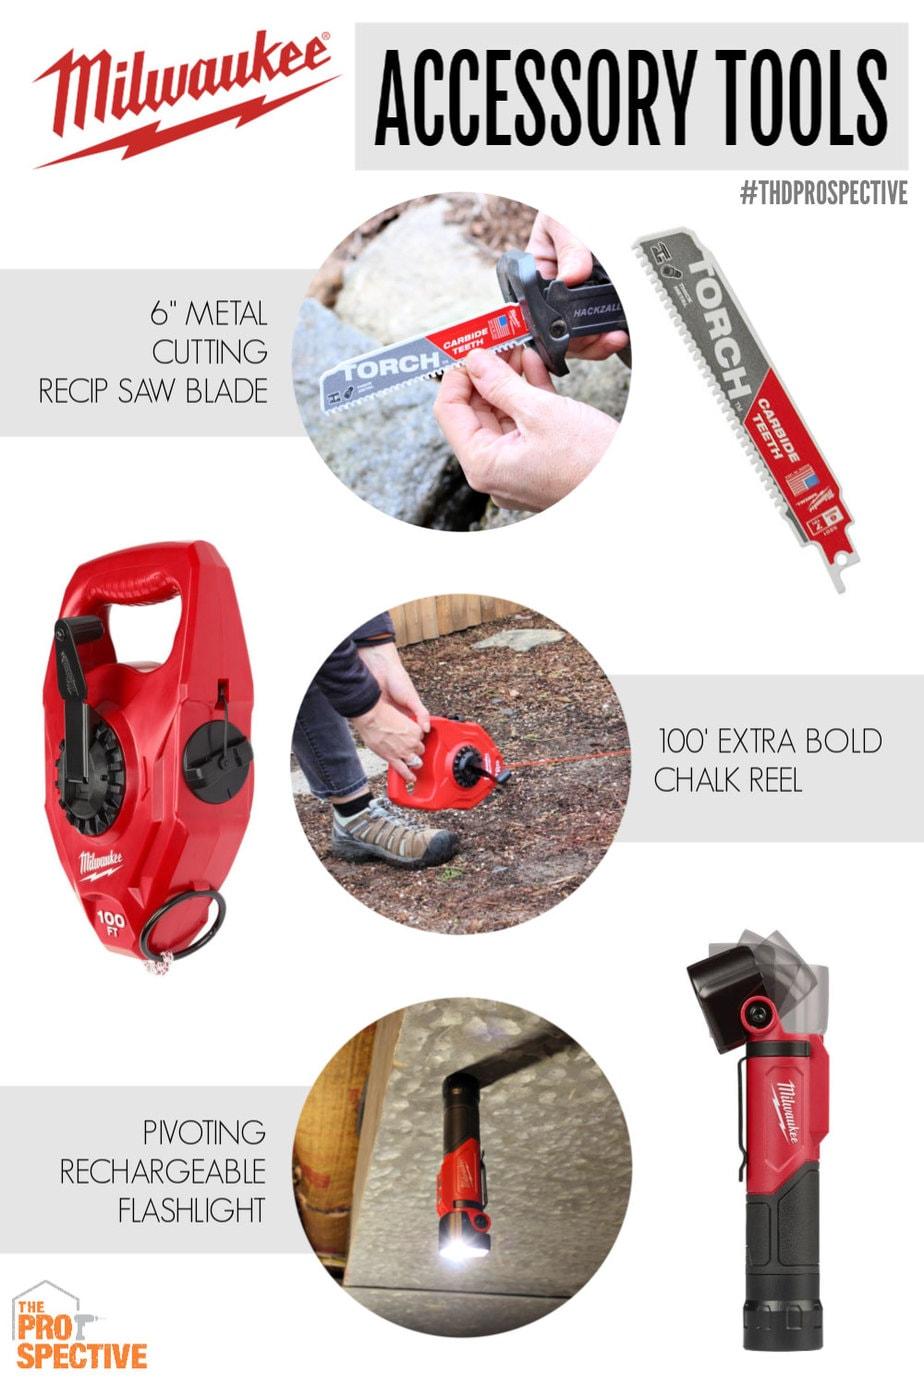 milwaukee accessory tools